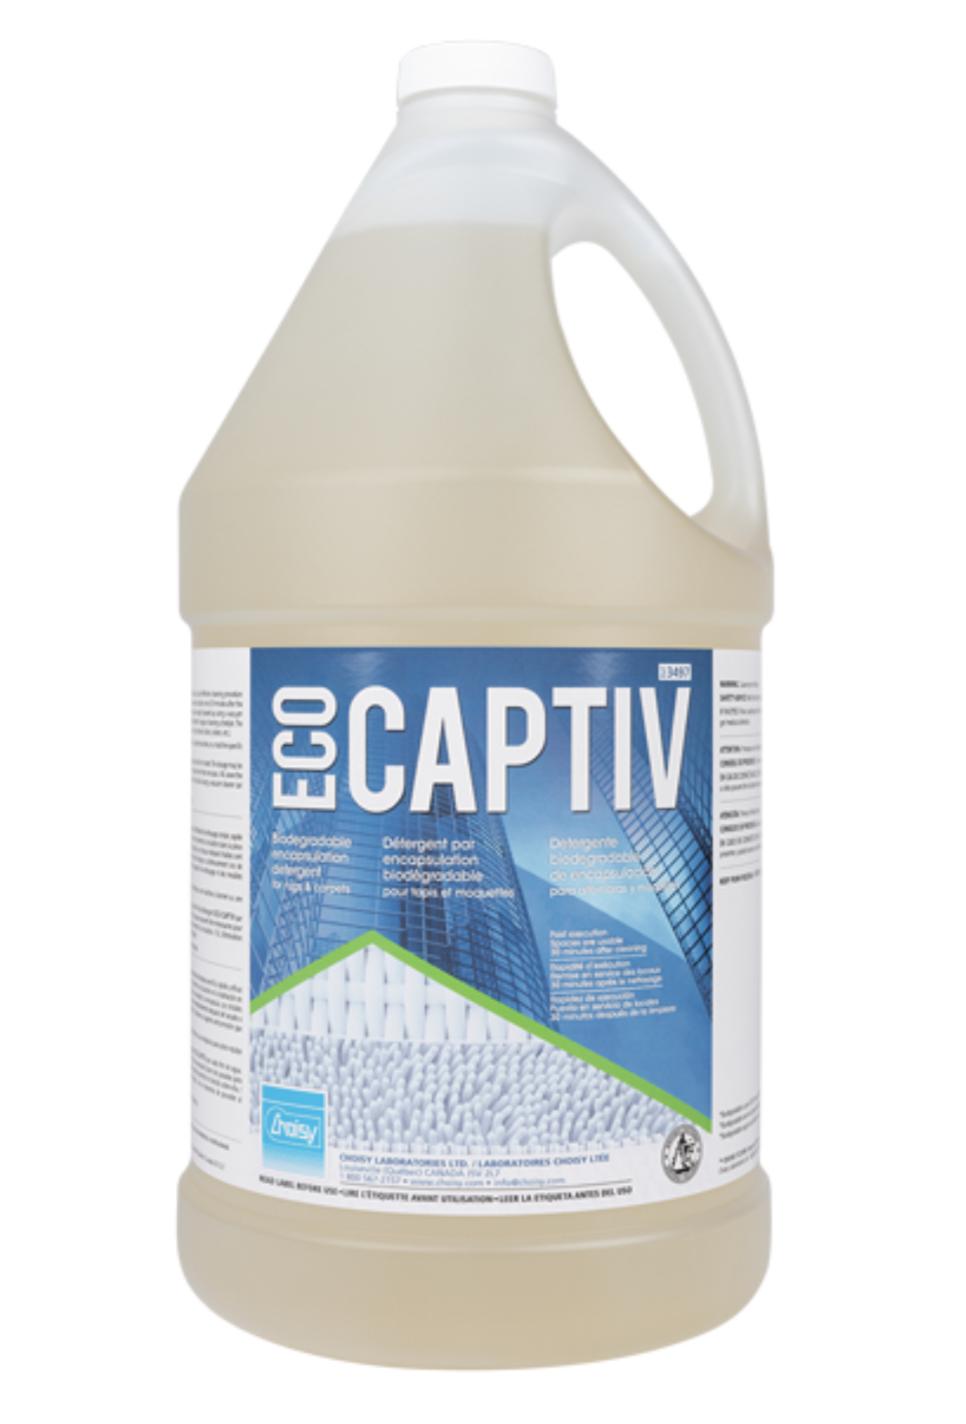 ECO-CAPTIV | DÉTERGENT PAR ENCAPSULATION BIODÉGRADABLE POUR TAPIS ET MOQUETTES | 3.8L